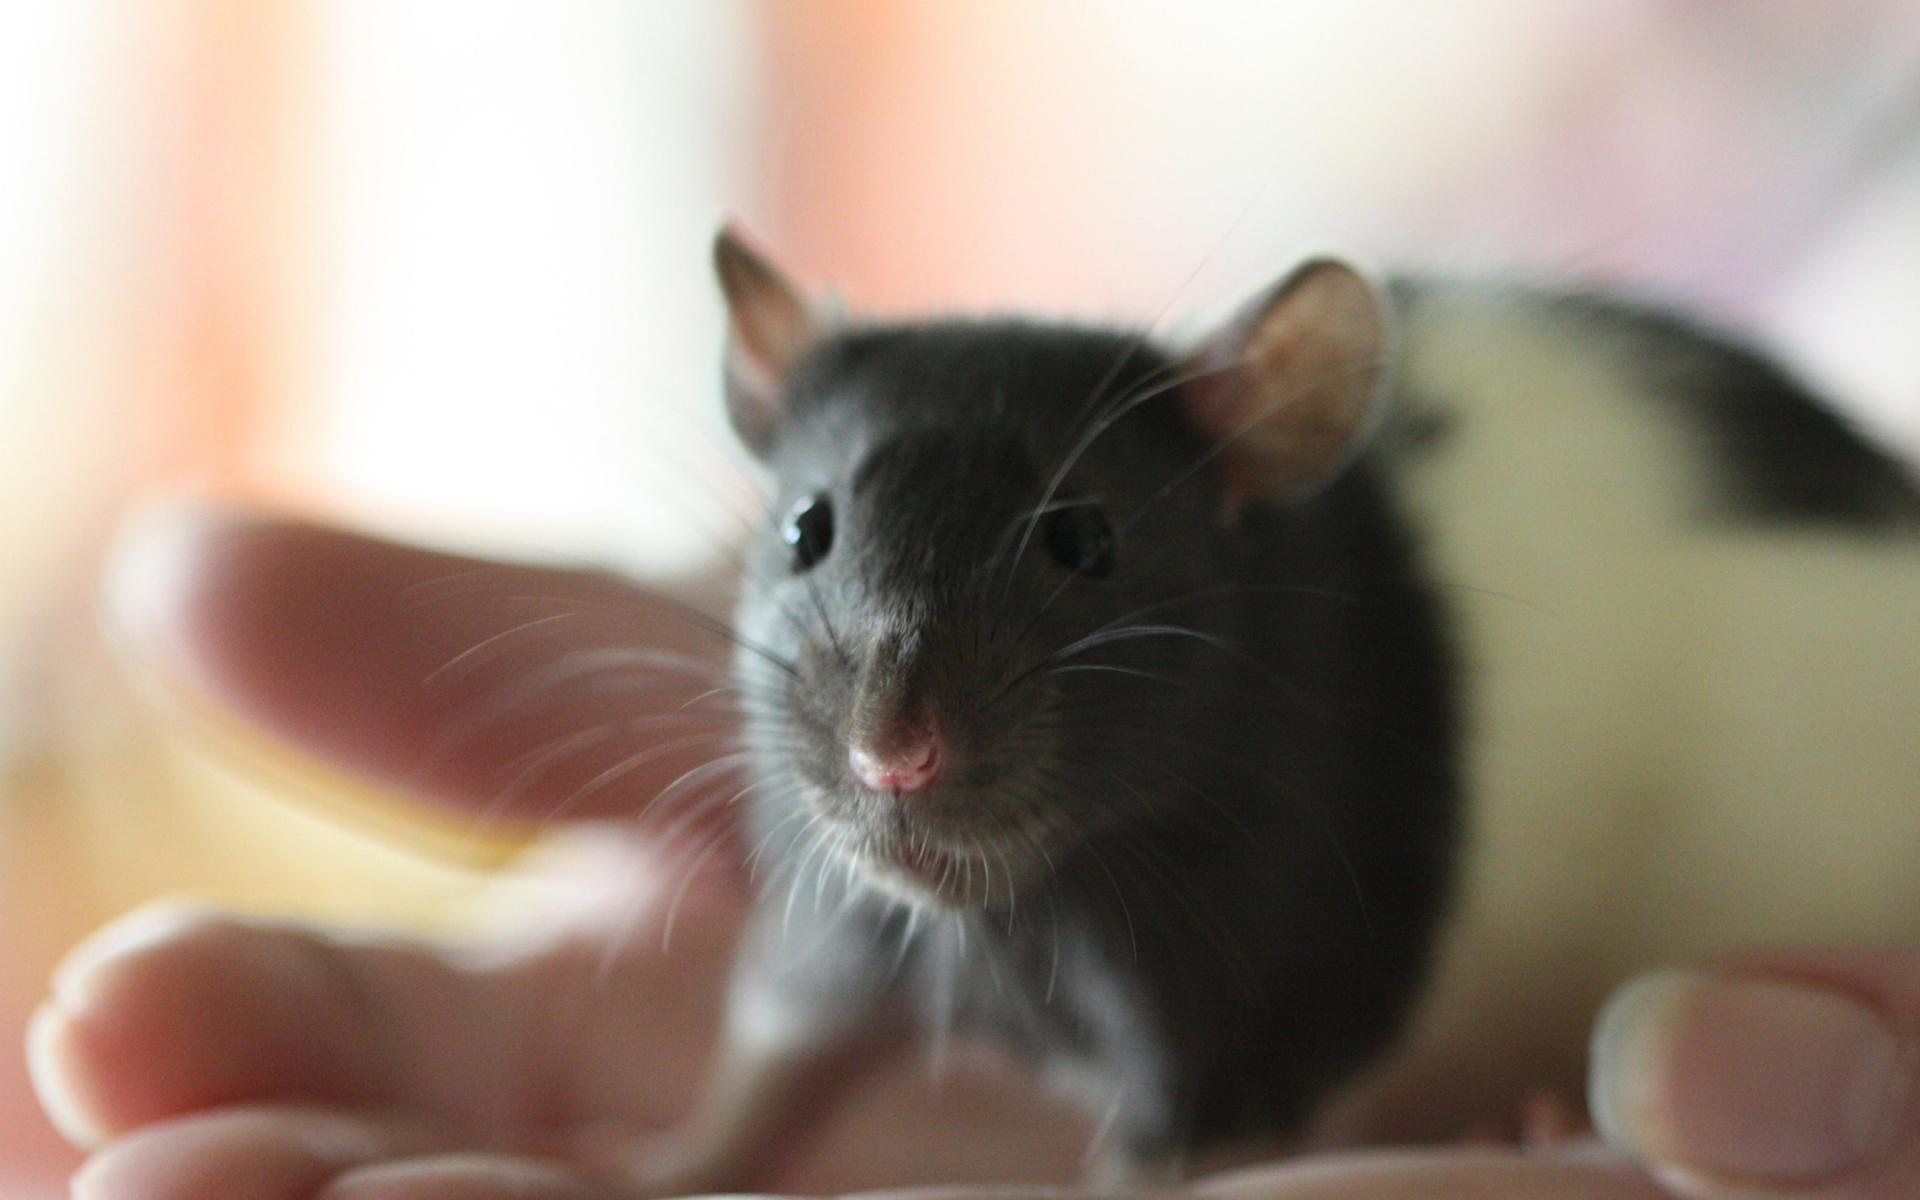 харламов крысы фото на рабочий стол фотографии города, людей